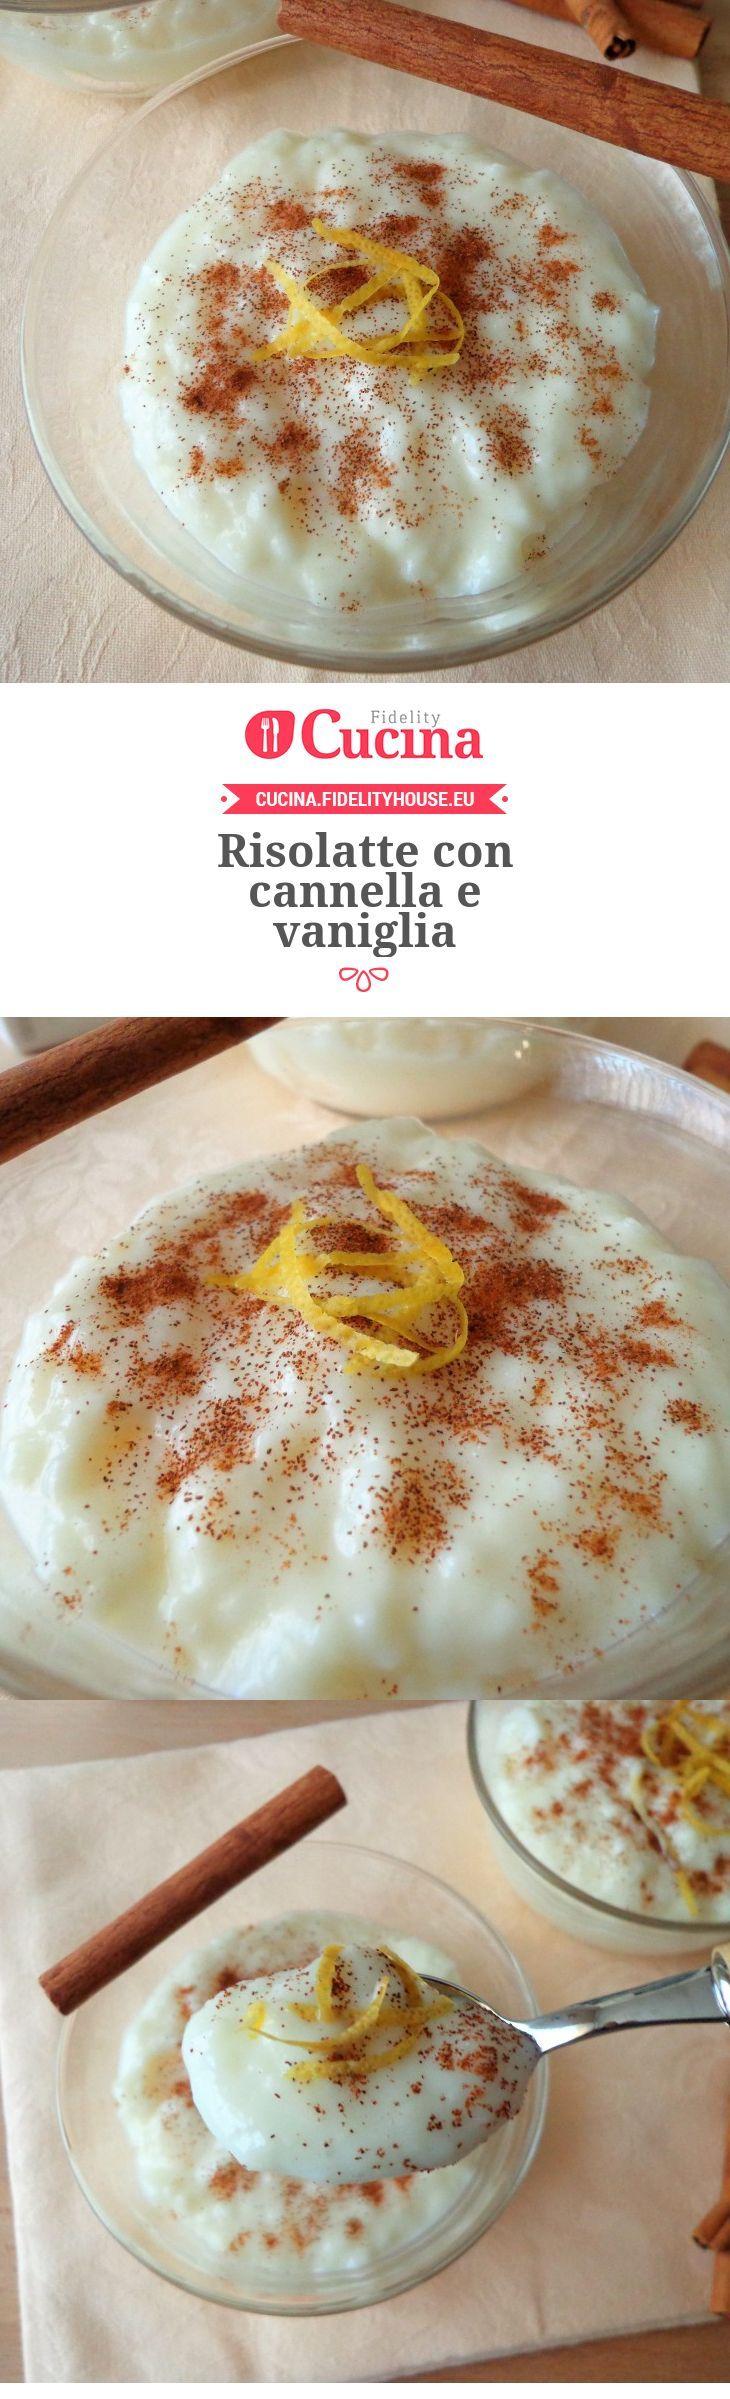 Risolatte con cannella e vaniglia della nostra utente Magdalena. Unisciti alla nostra Community ed invia le tue ricette!